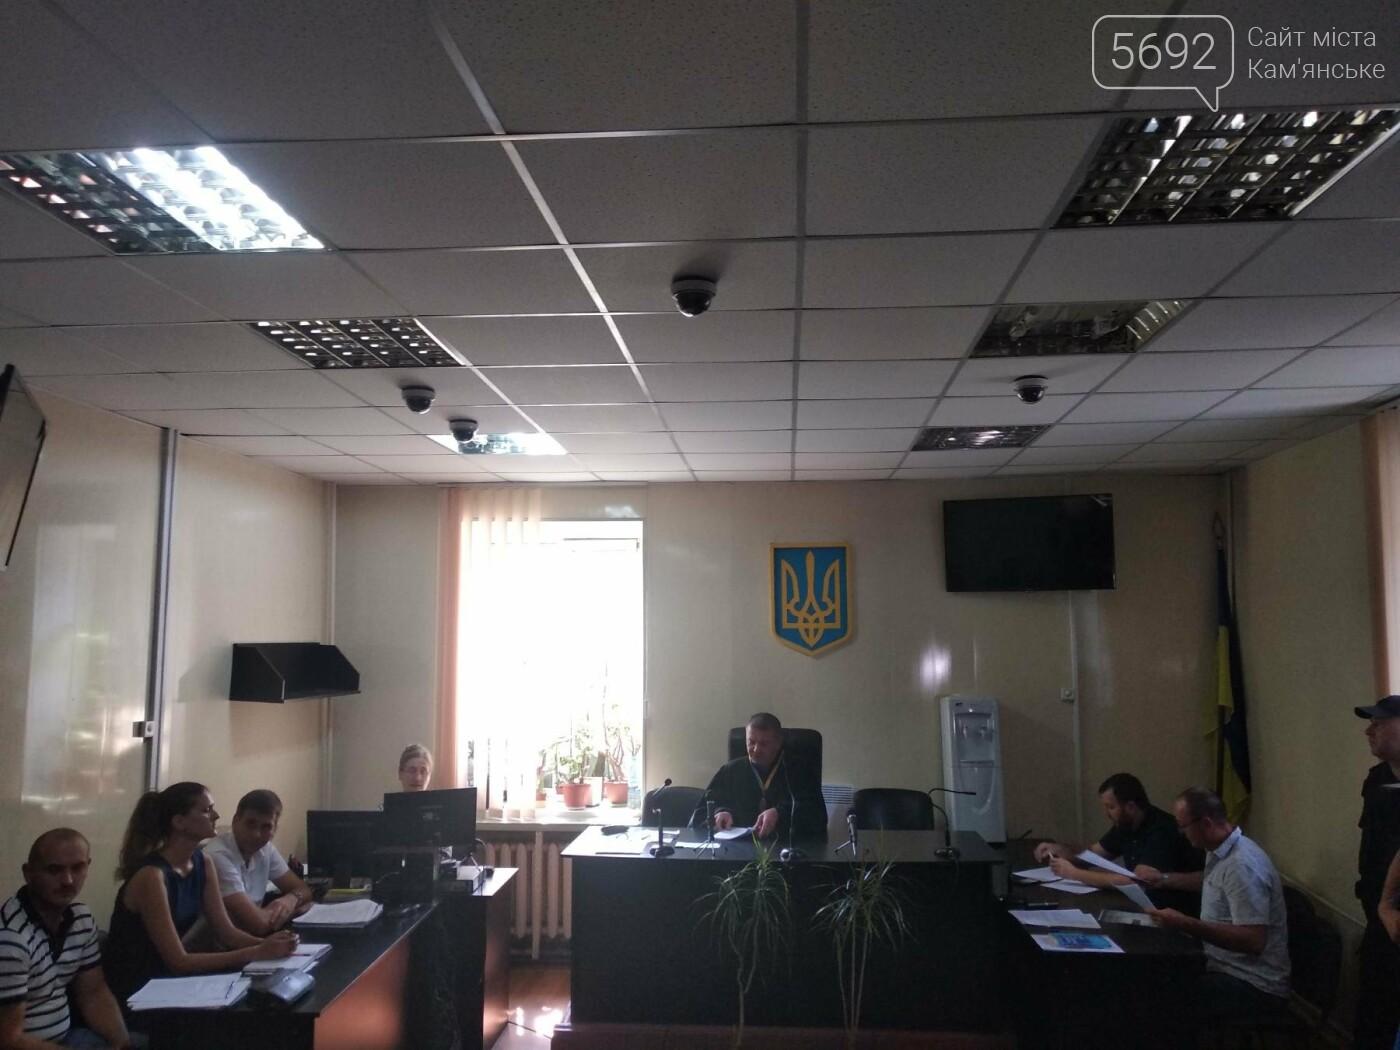 Дело об избиении врача: в Каменском за хулиганство суд избрал меру пресечения для Евгения Найды, фото-5